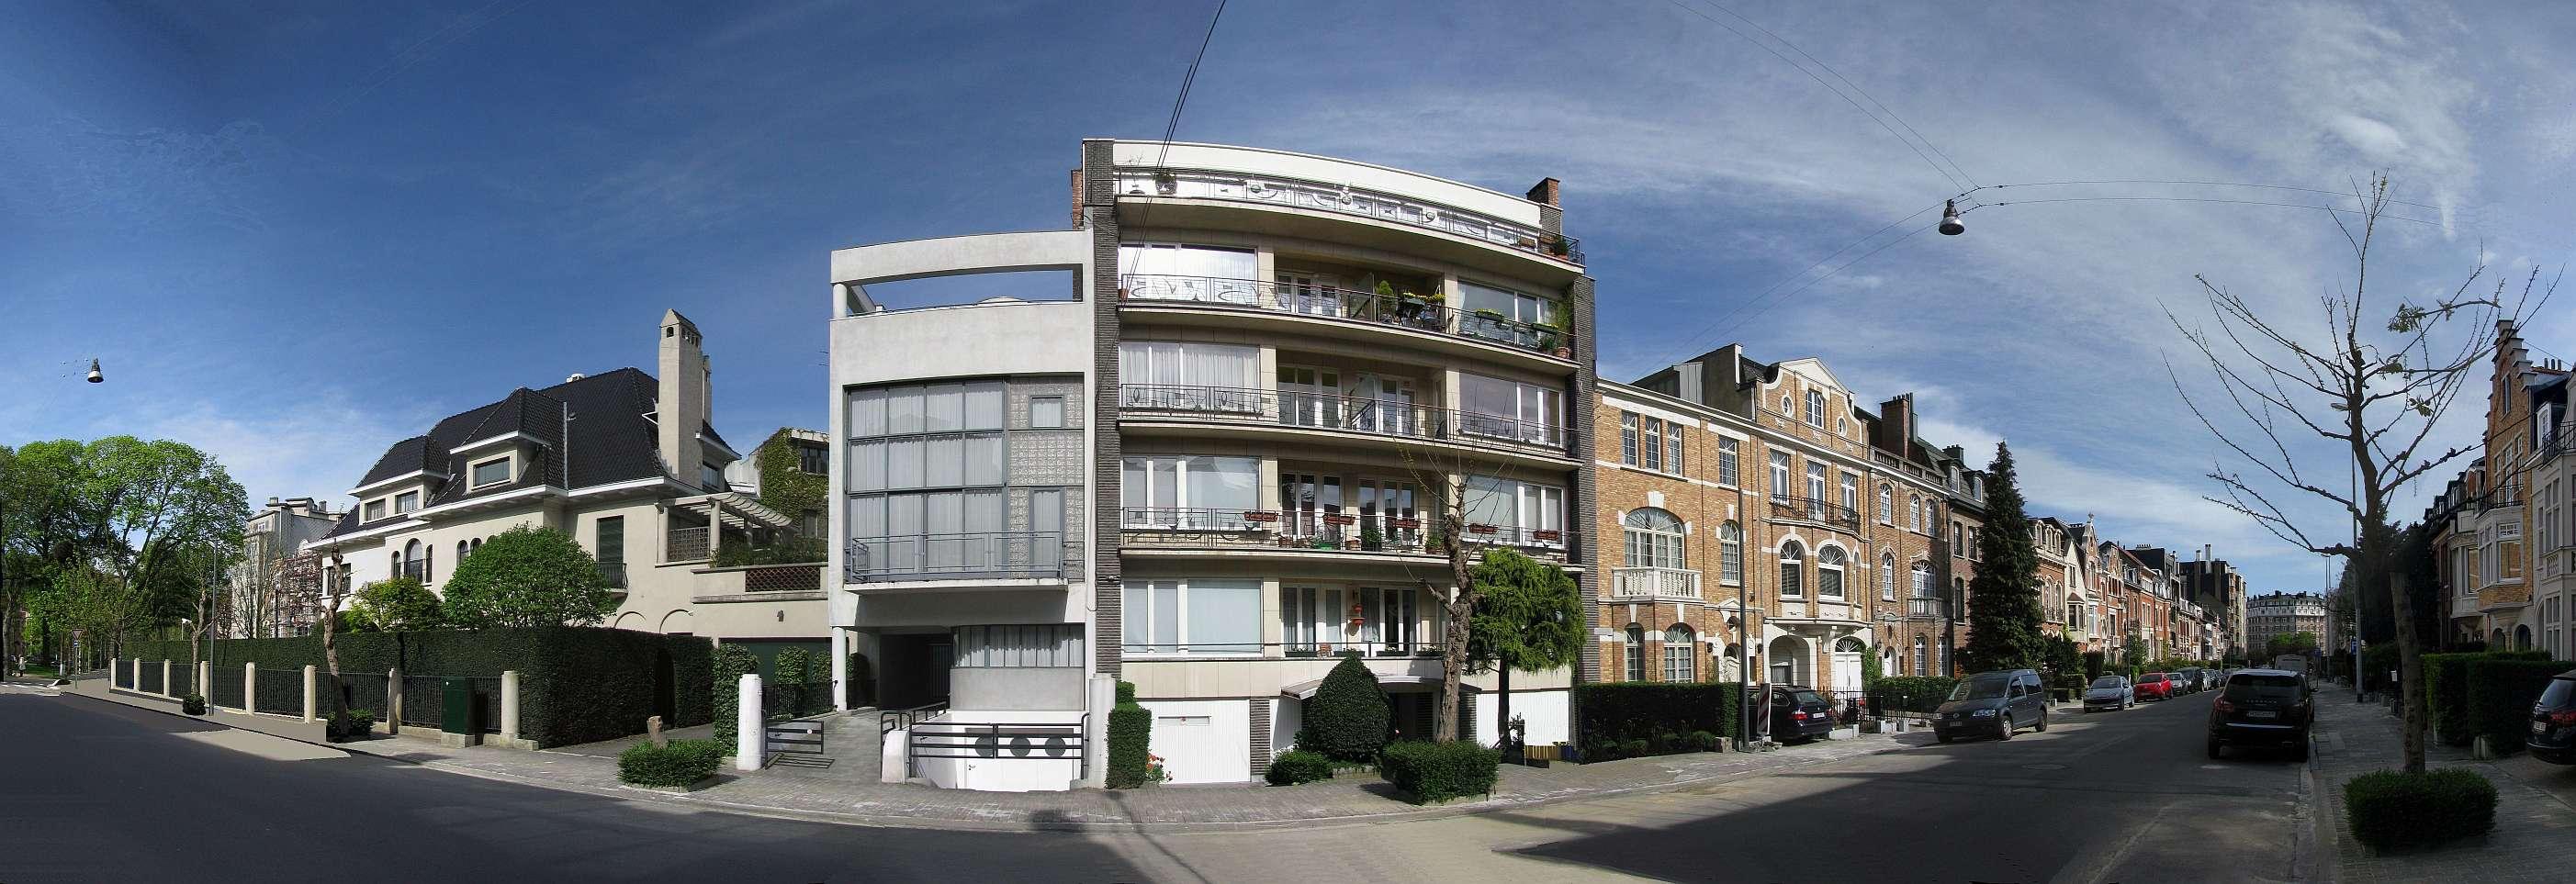 File uccle ixelles rue jules lejeune le 69 est la maison de verre cot de la vaste villa - Le verre maison ...